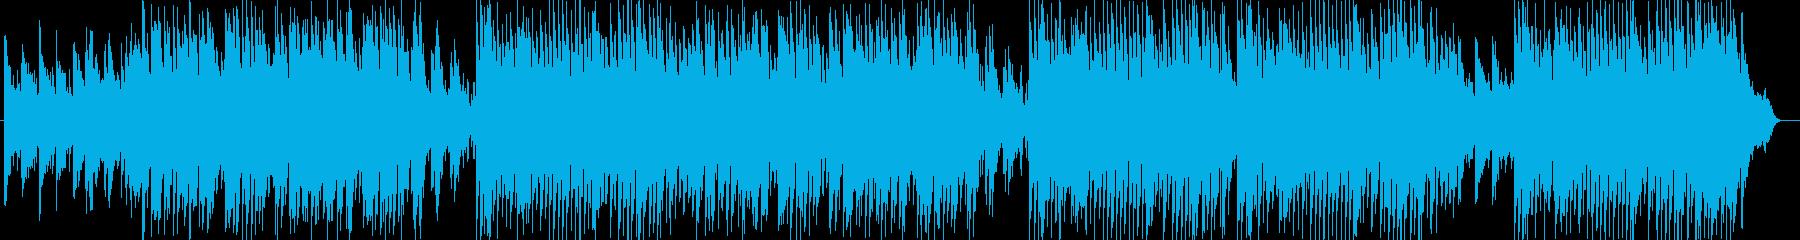 ピアノの明るく弾むようなポップスの再生済みの波形